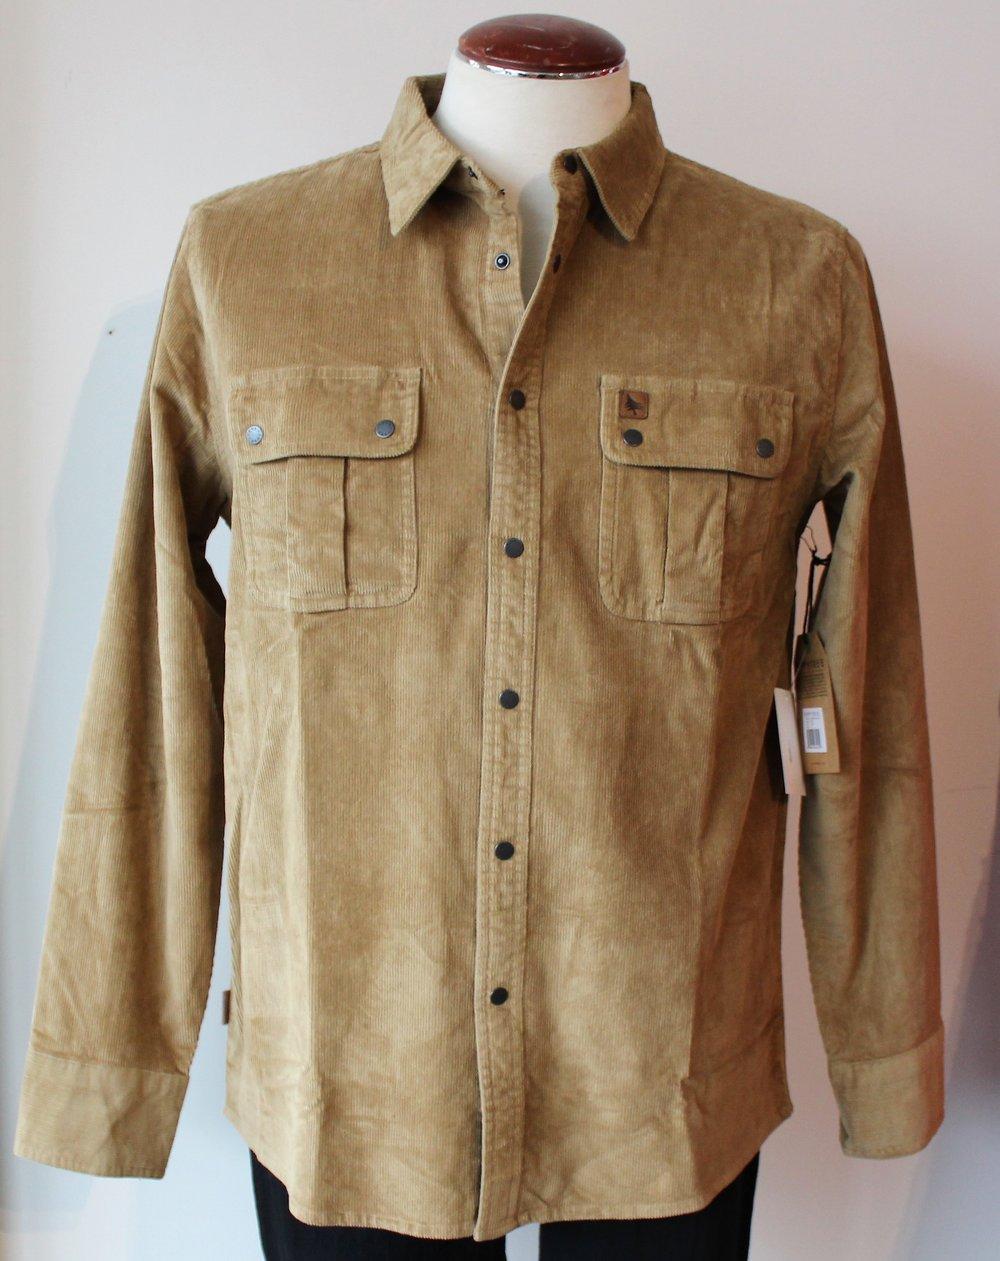 Hippy Tree: Odessa Woven Shirt